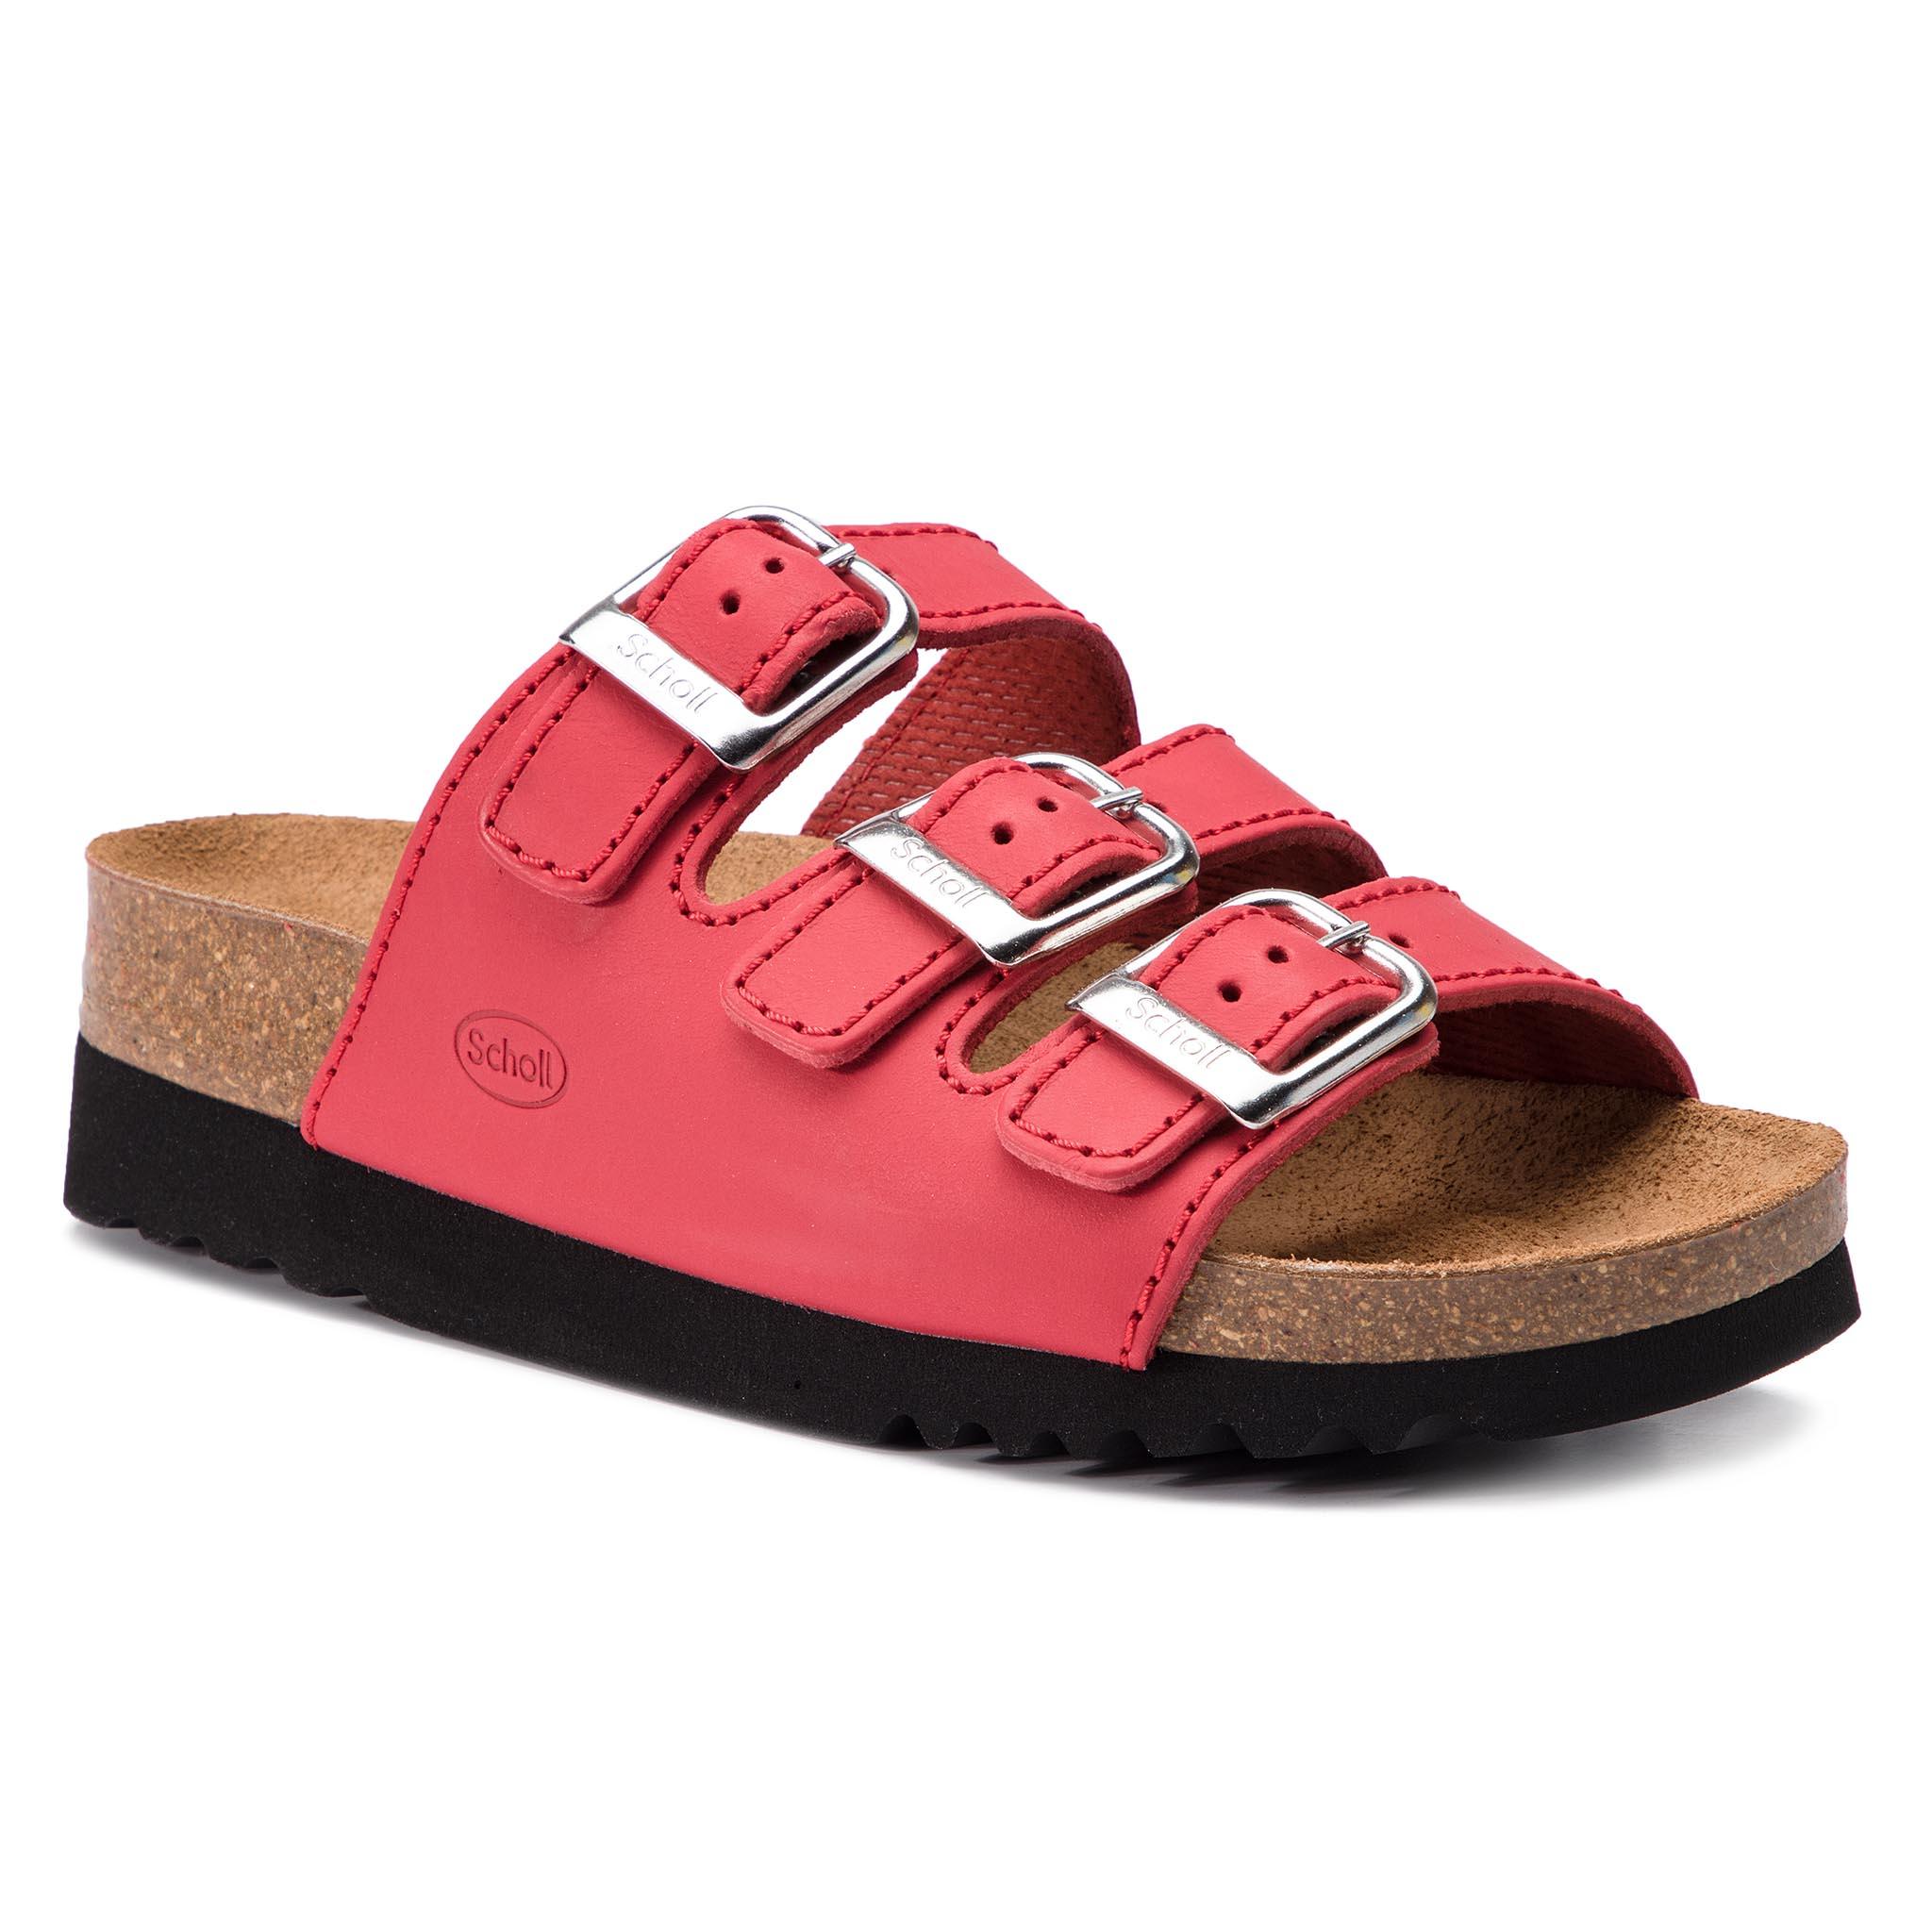 ce568e12a1b1c Šľapky SCHOLL - Rio Wedge Ad F26454 1051 360 Red - Glami.sk